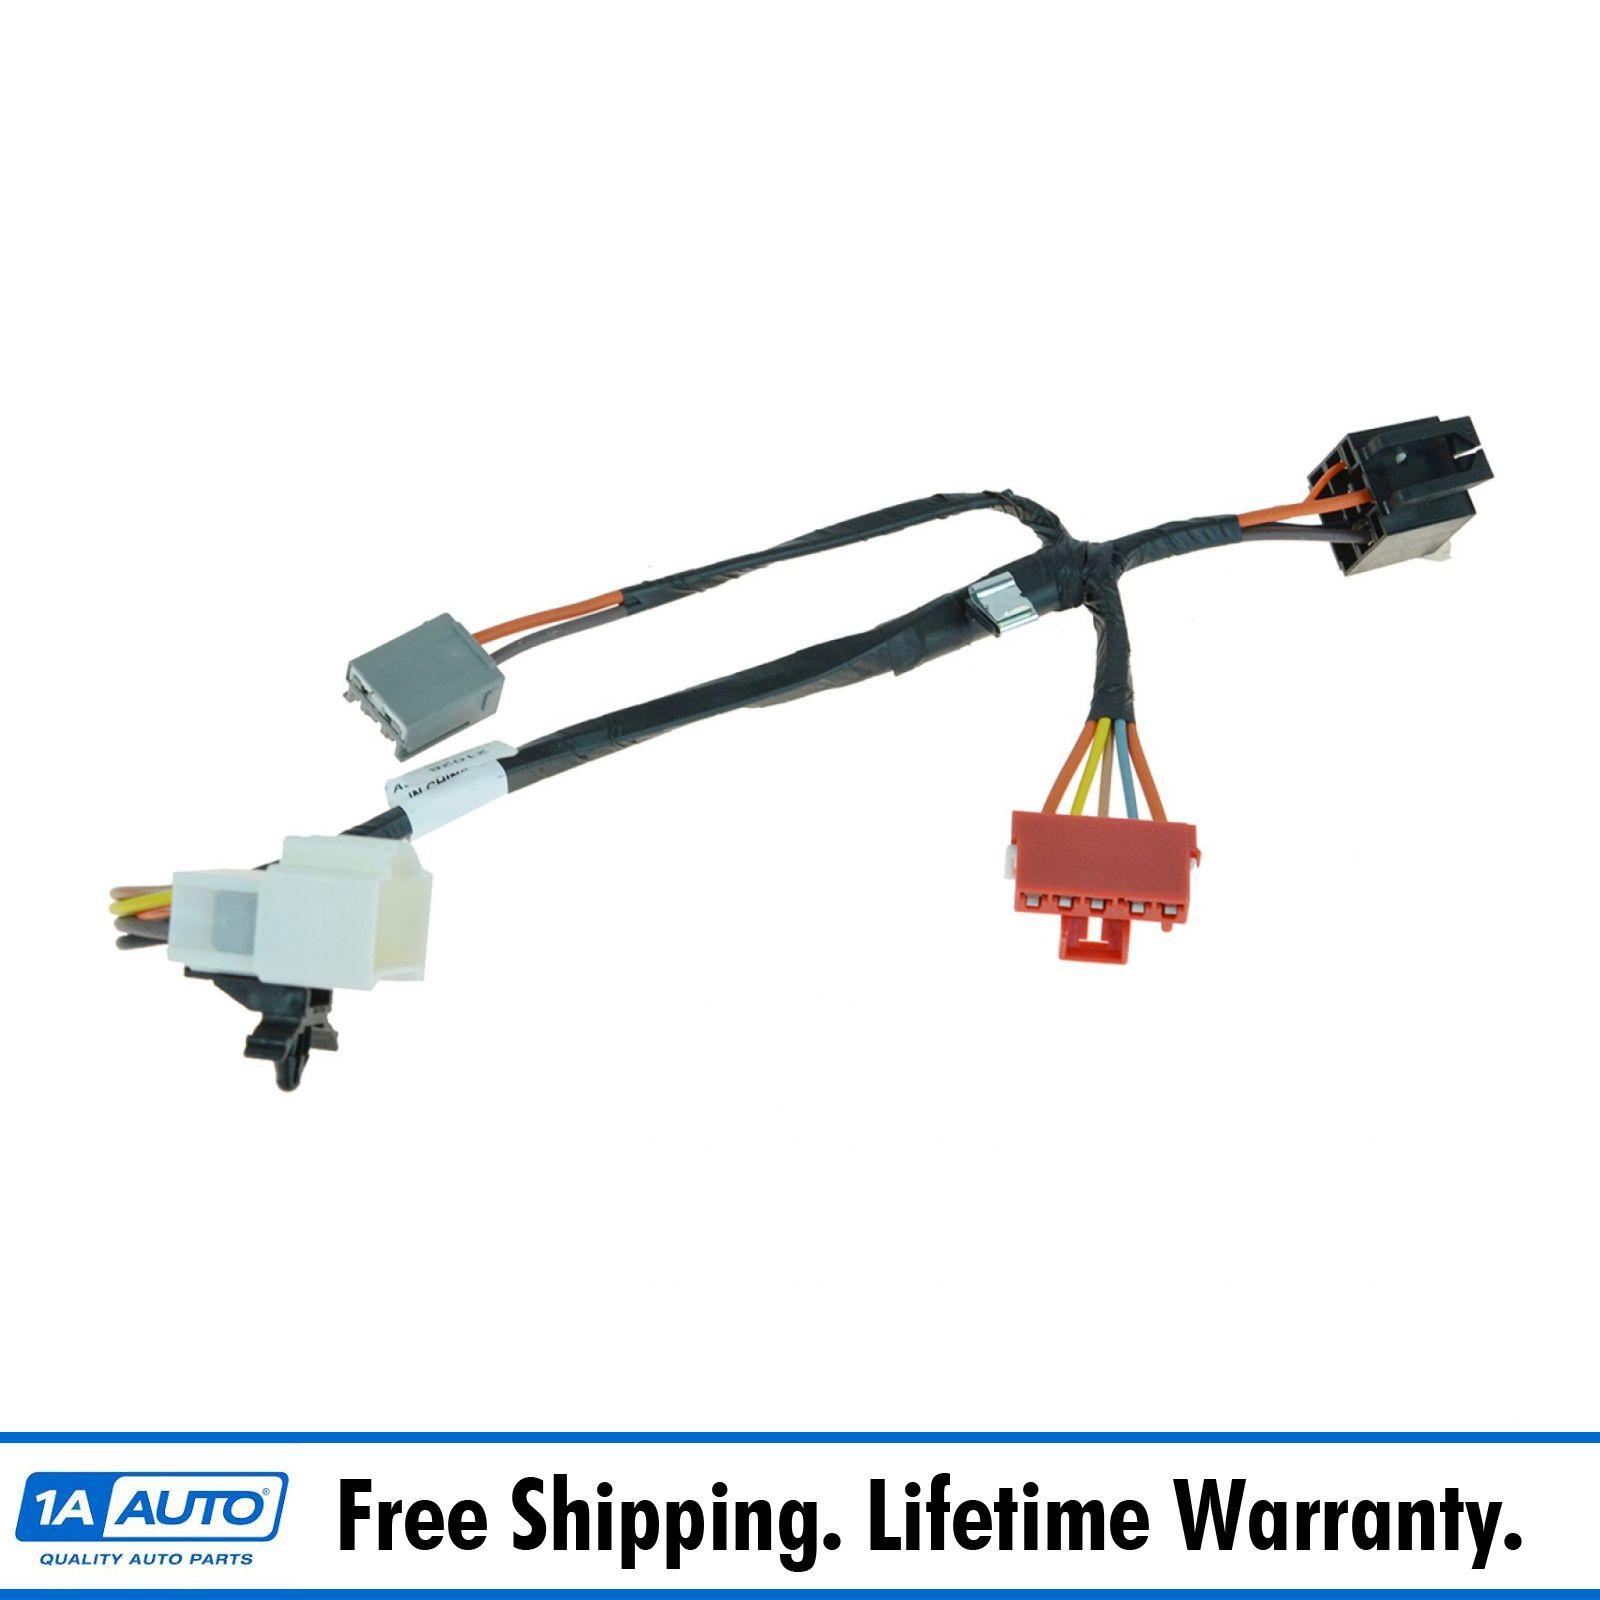 Oem blower motor resistor wiring harness pigtail connector